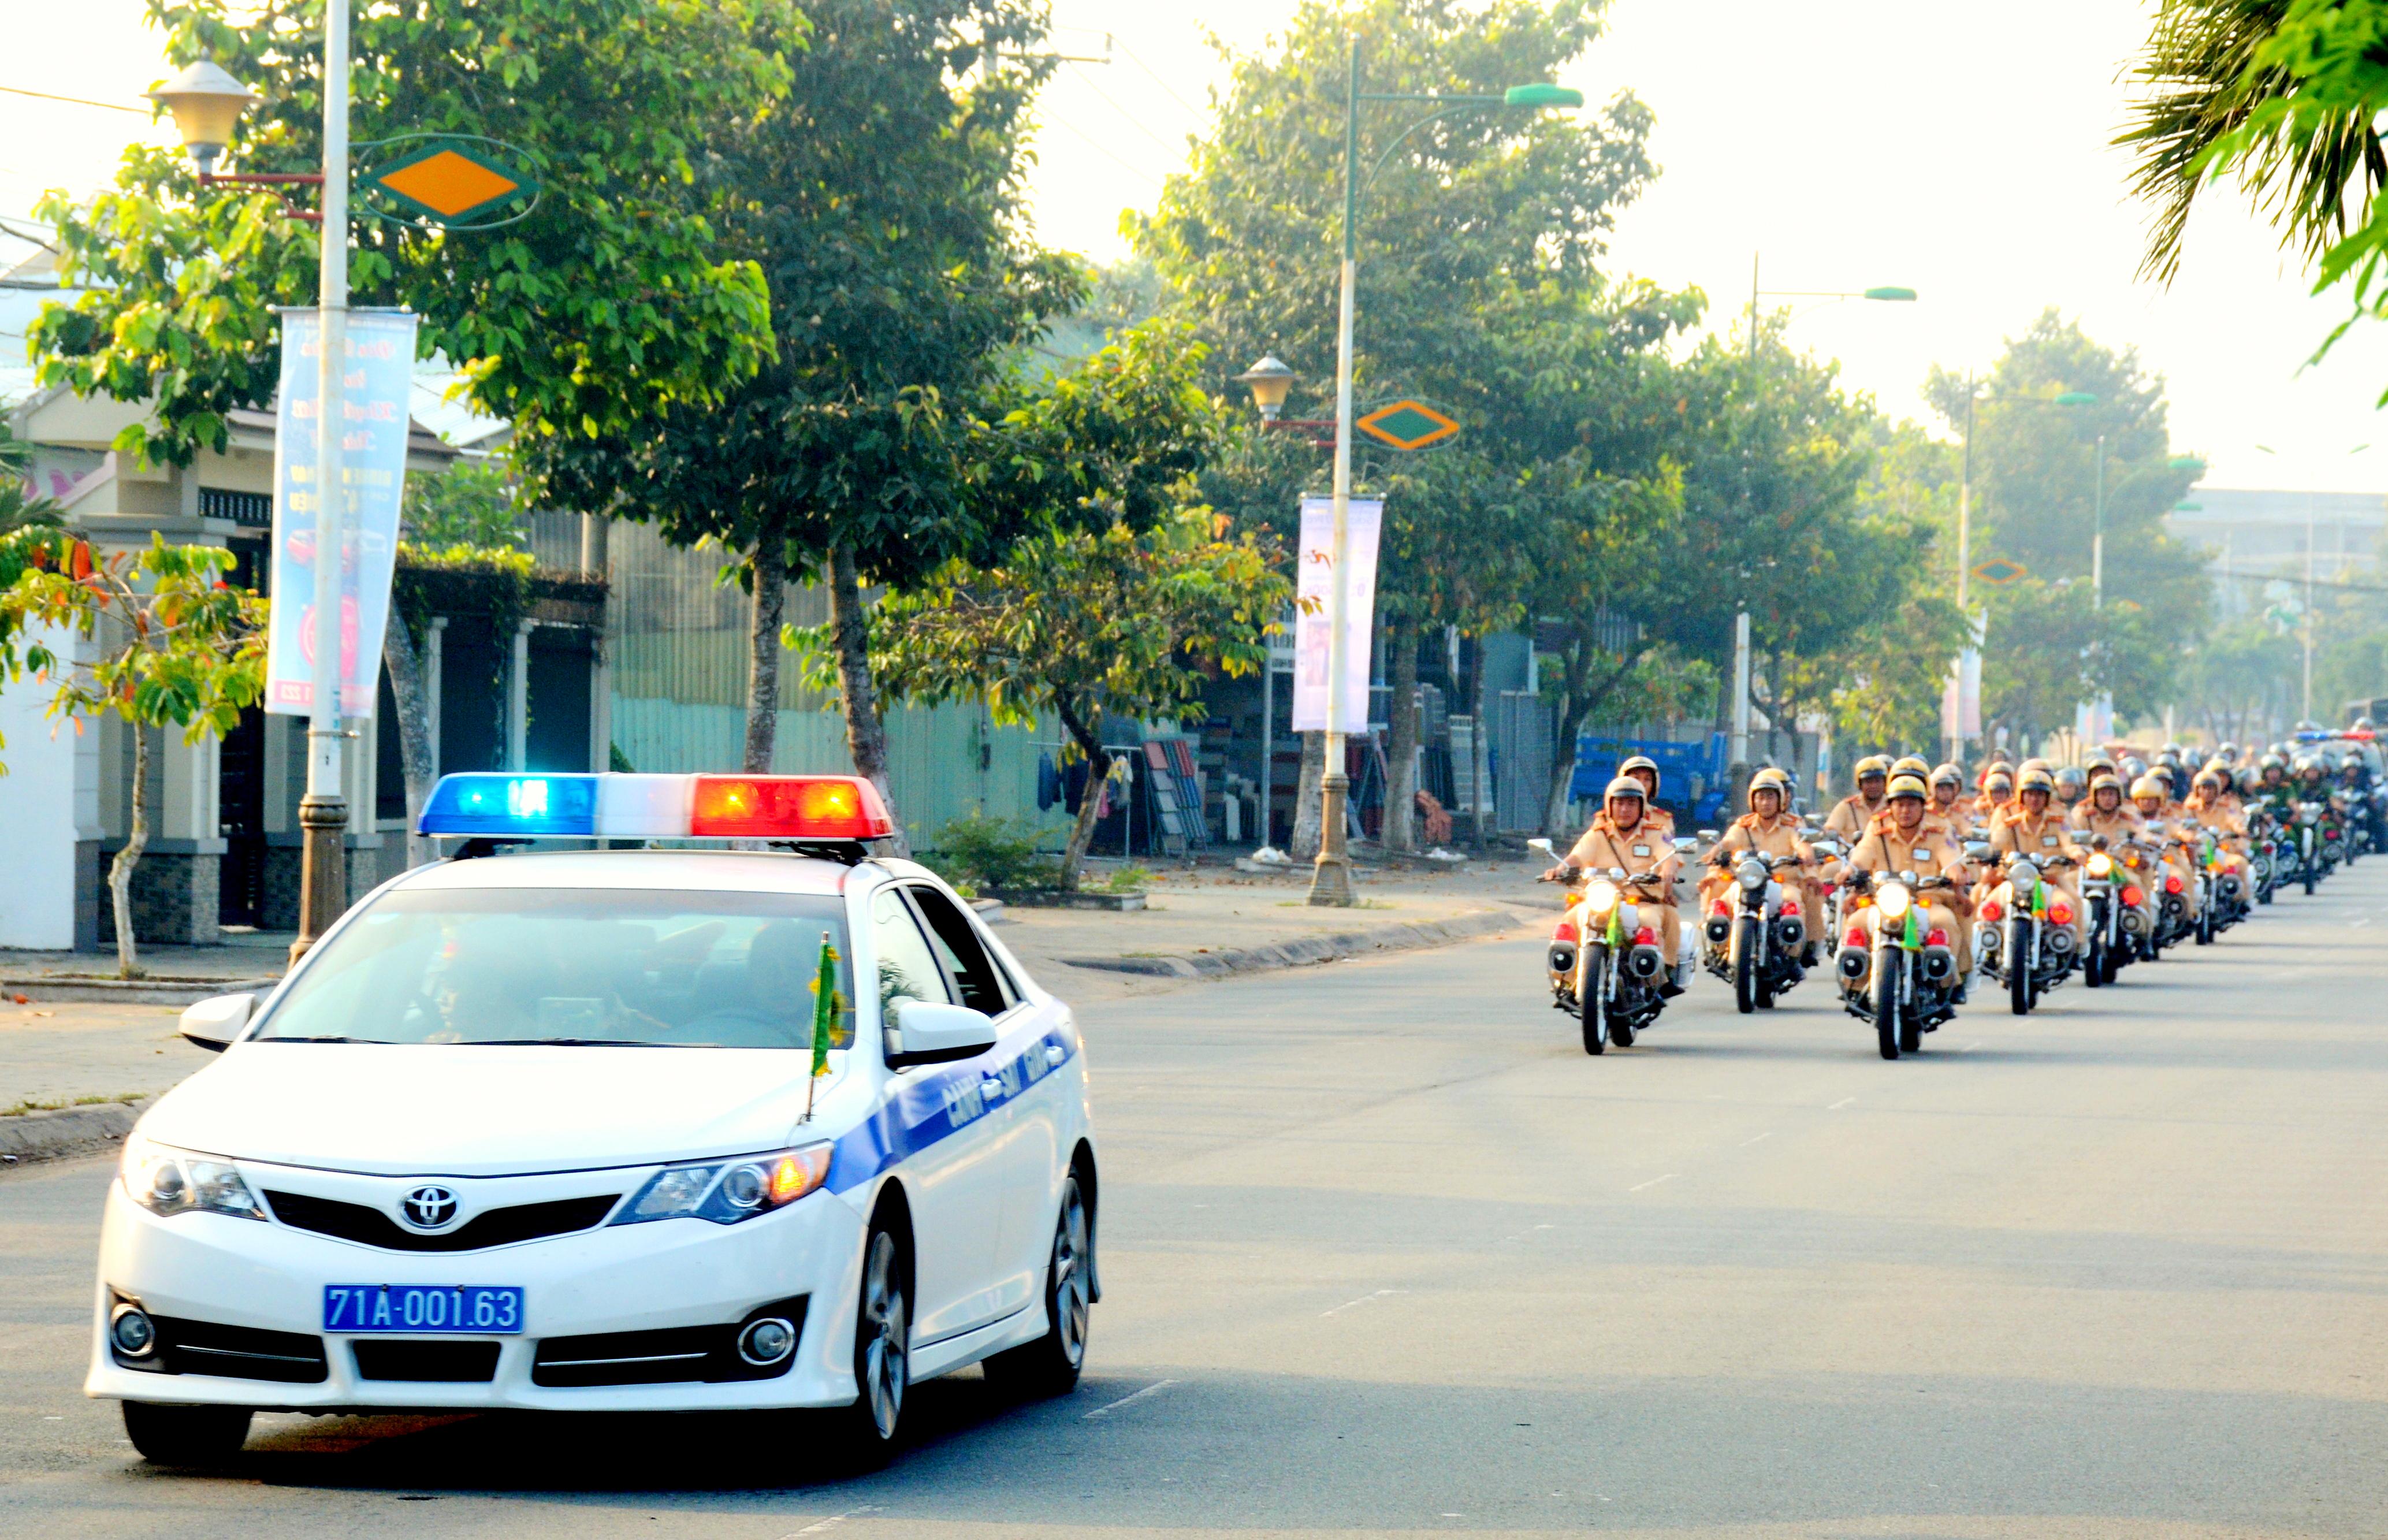 Chủ động đảm bảo ANTT tại Lễ hội Dừa tỉnh Bến Tre